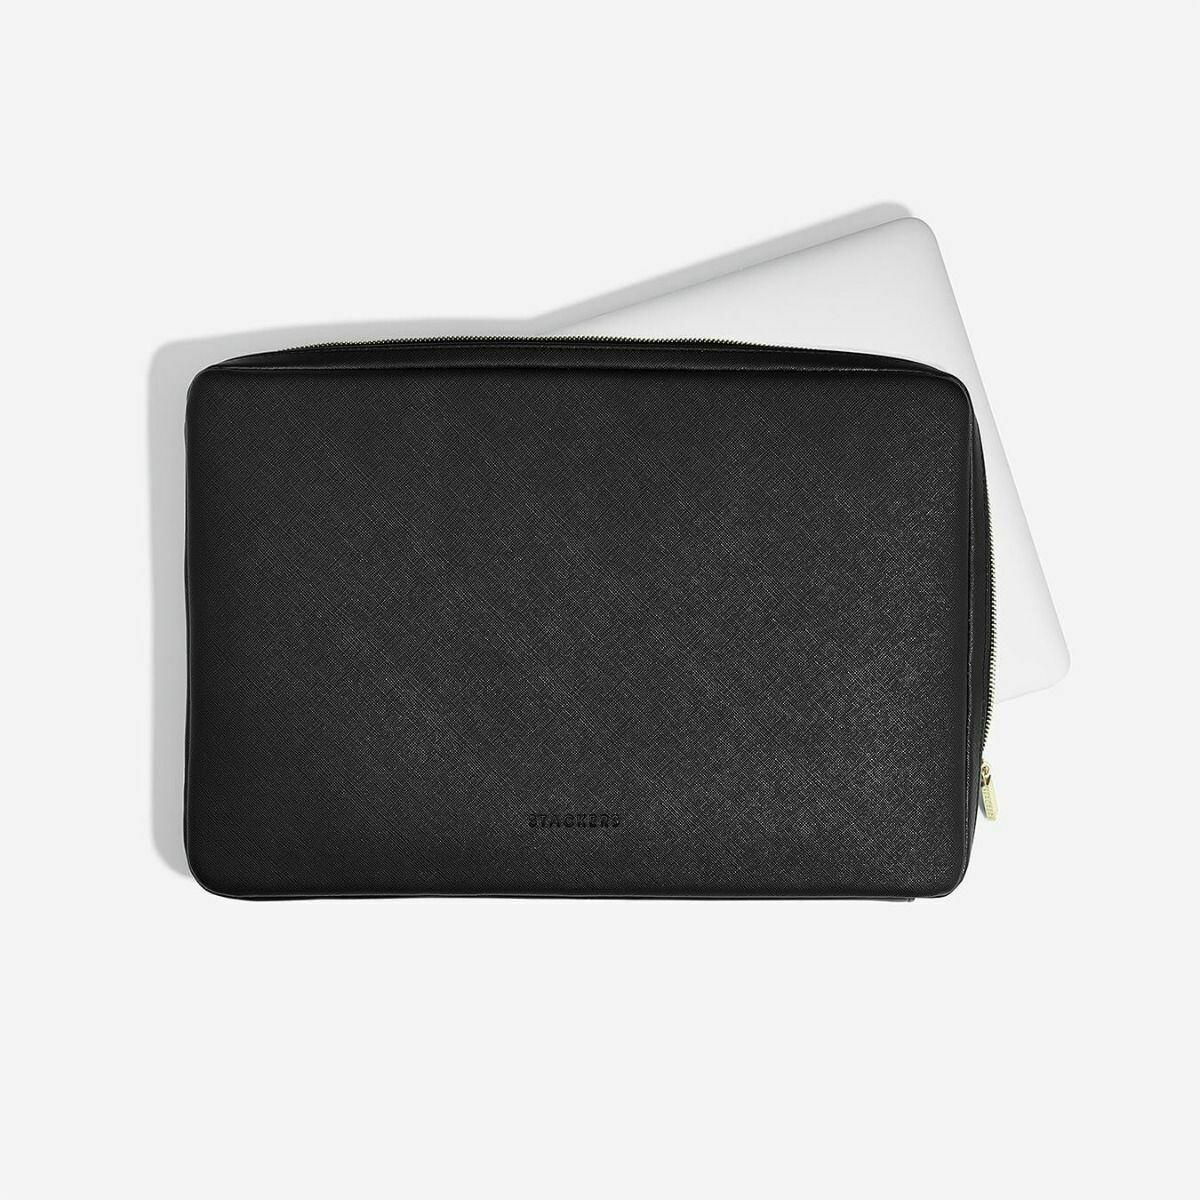 Custodia sleeve per pc laptop Stackers nero